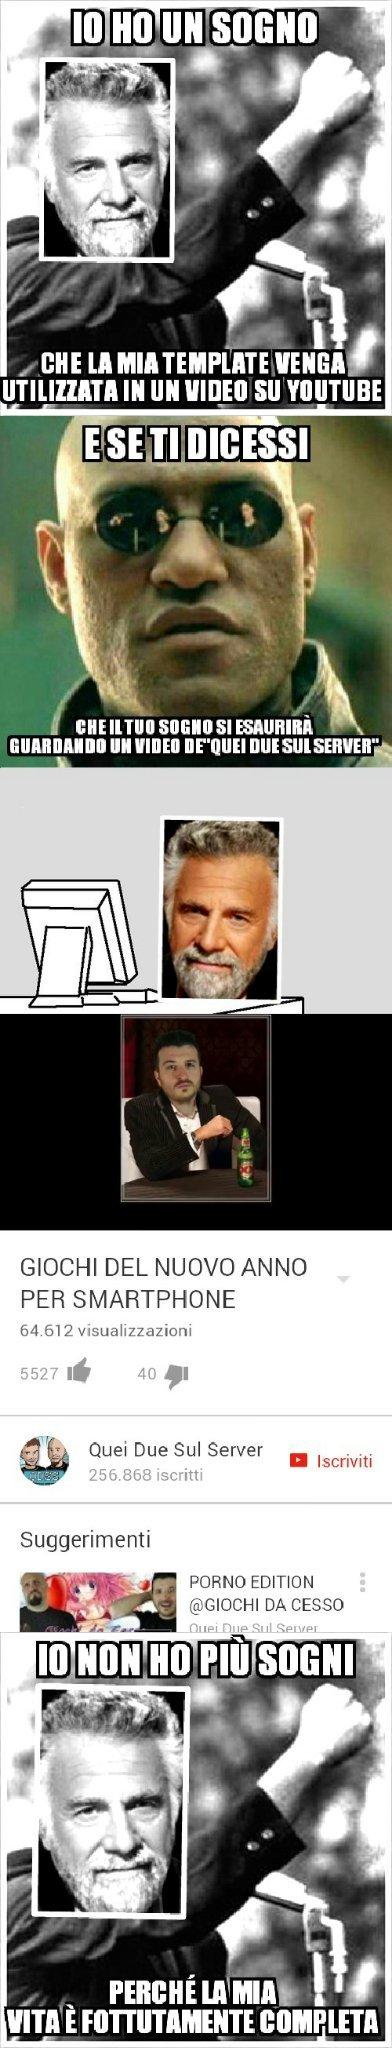 Scorrete in basso,cito bboygabro - meme